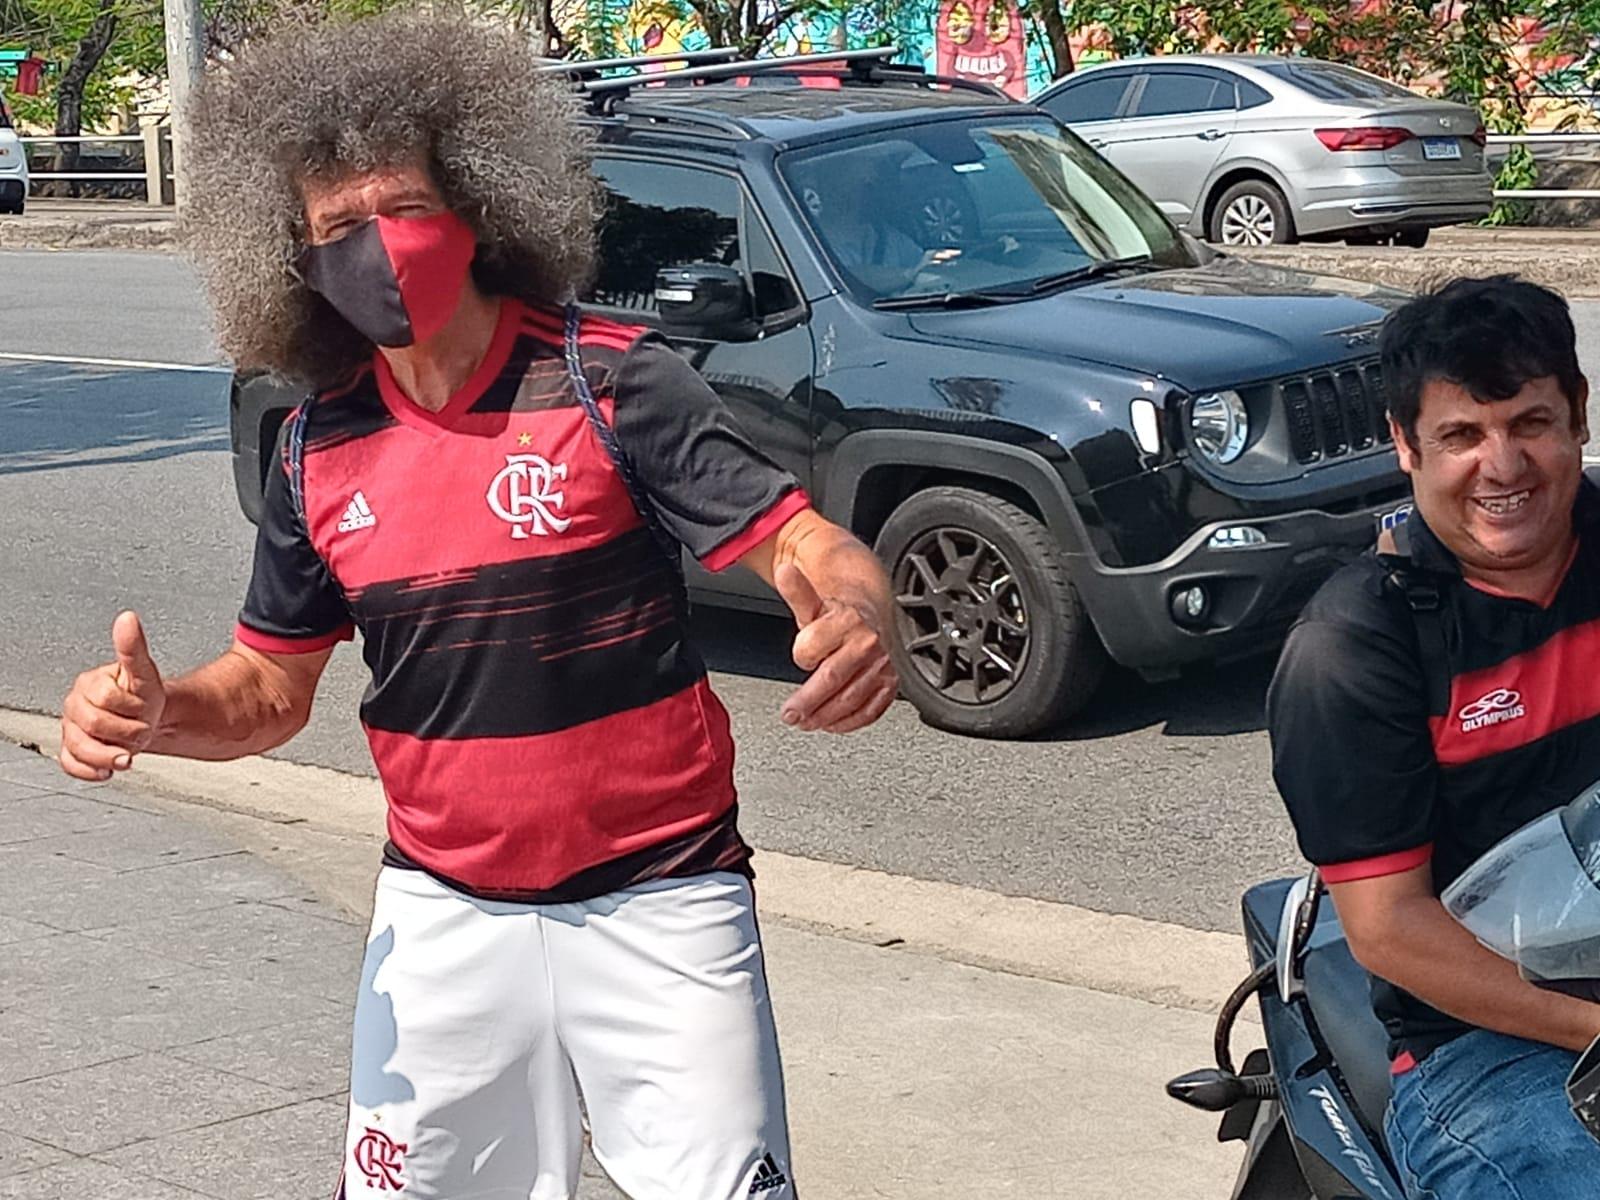 Entorno do Maracanã para o jogo entre Flamengo e Grêmio